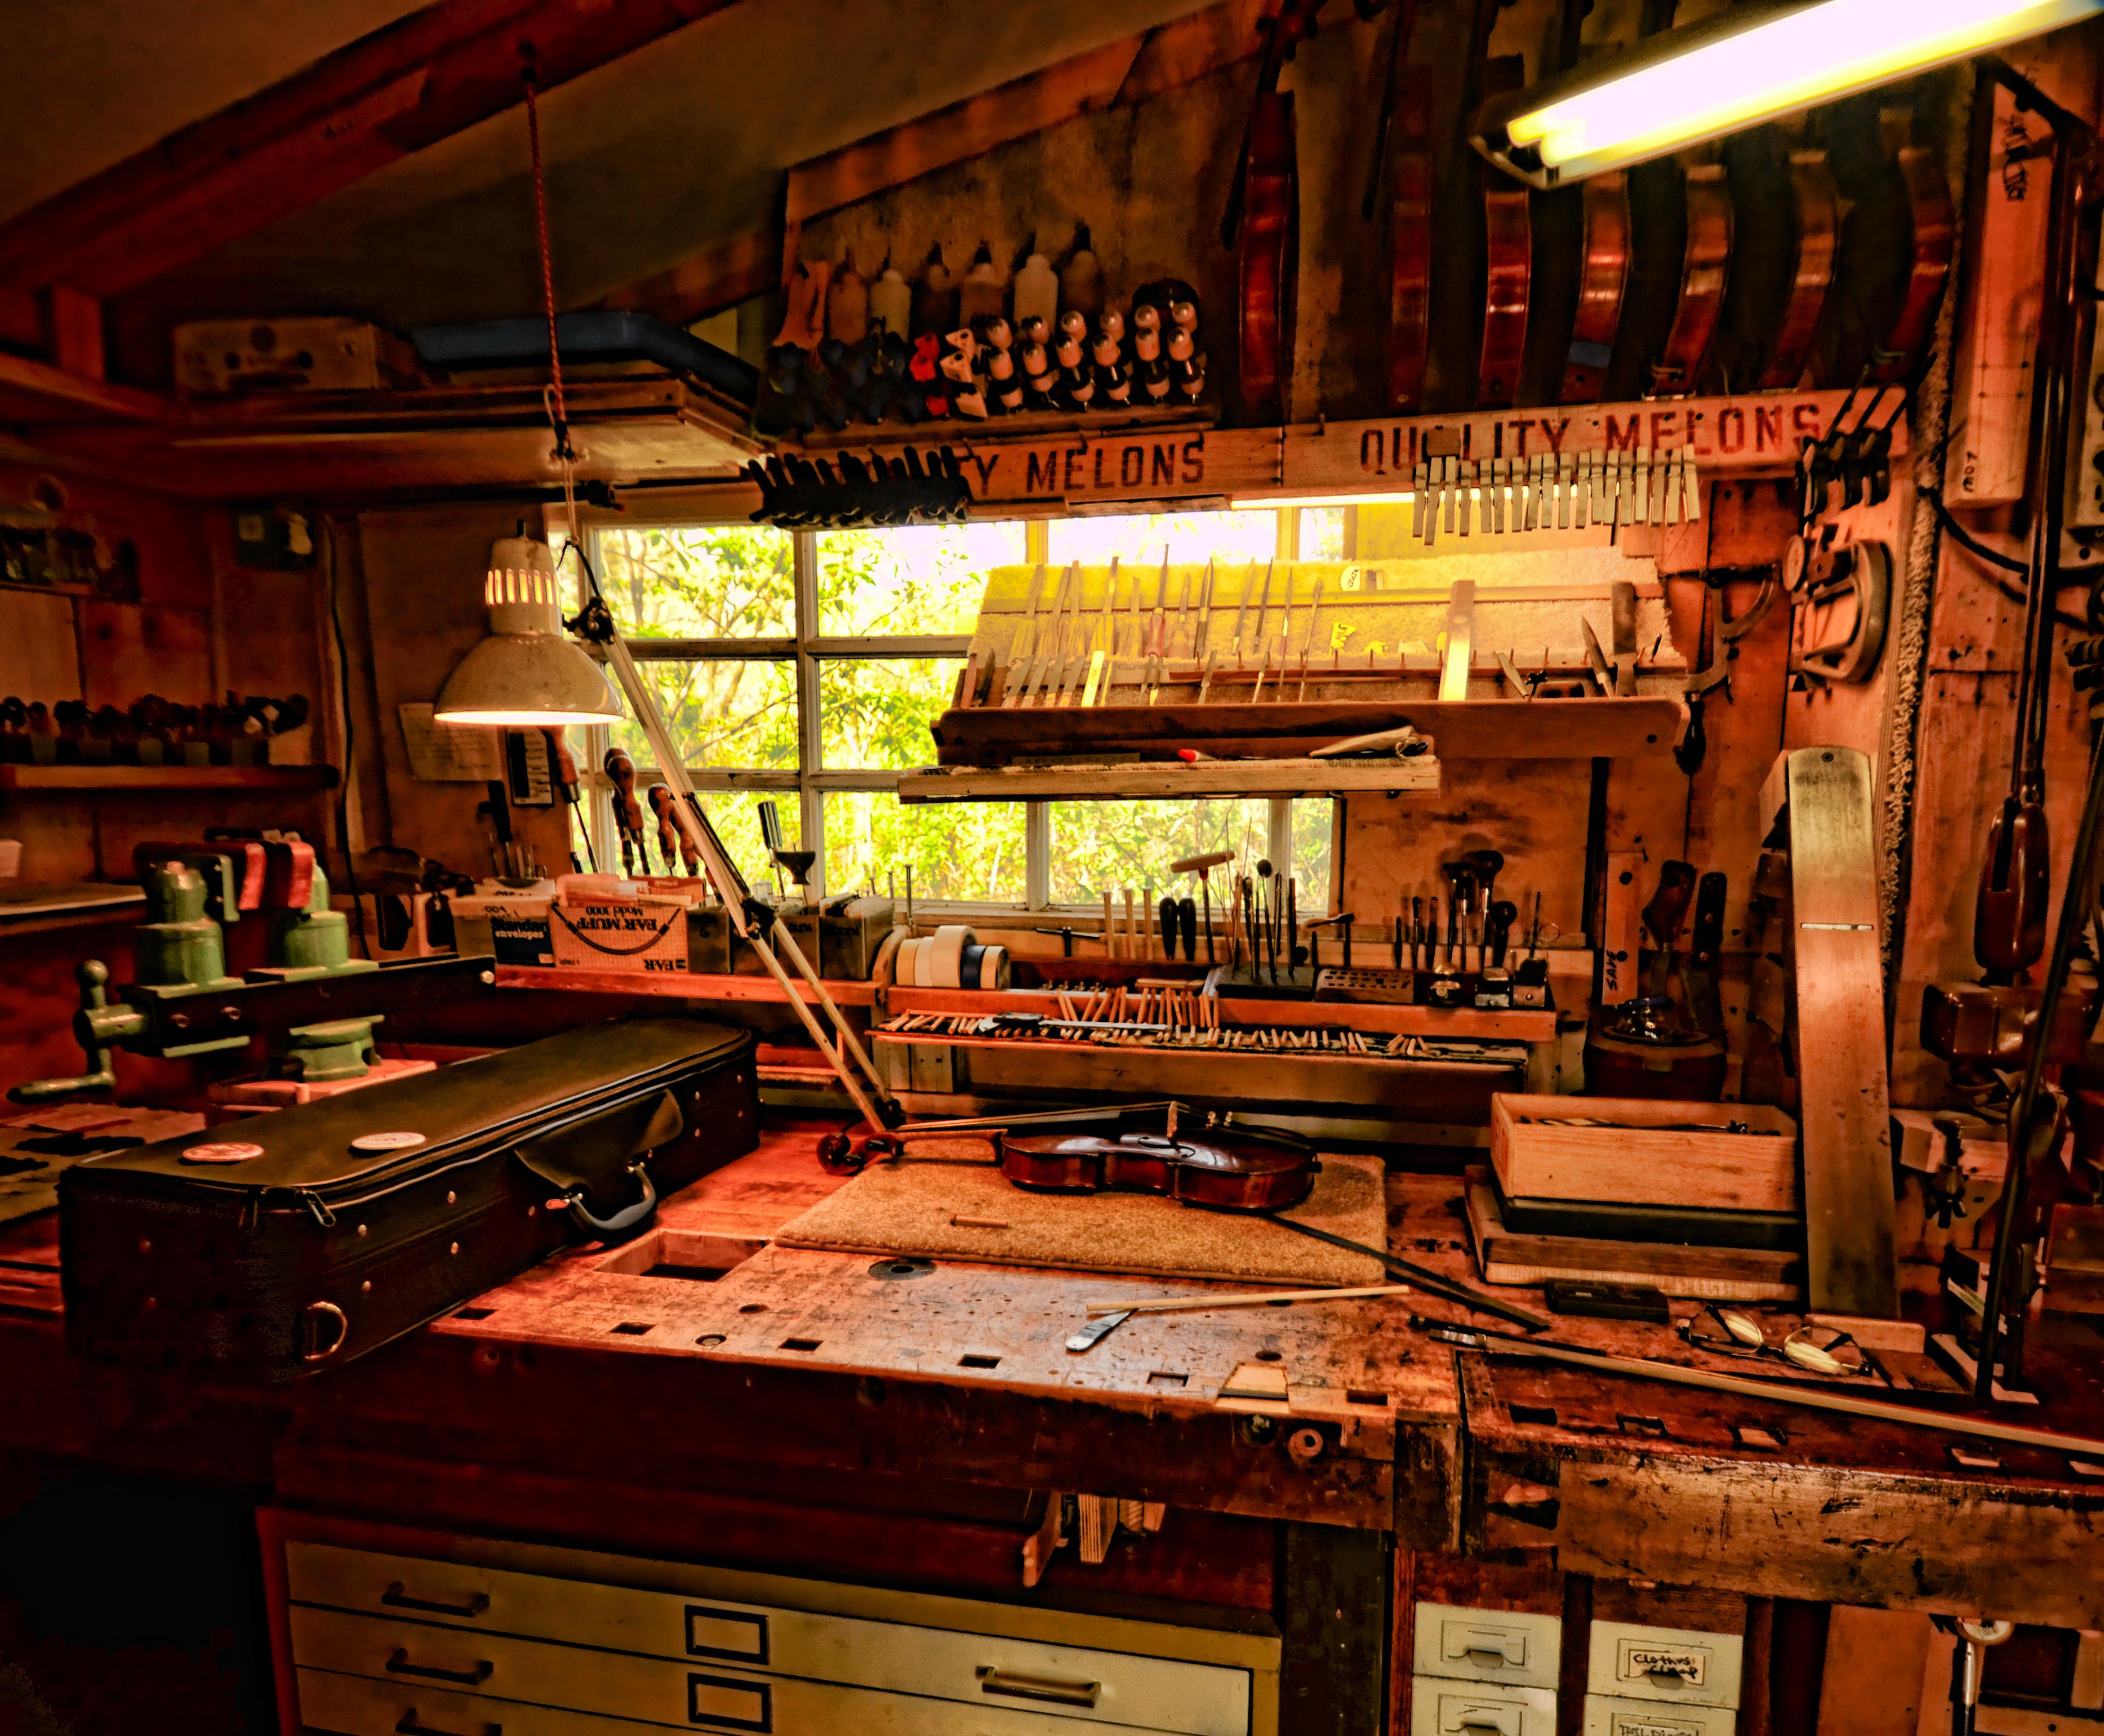 De pasiones y oficios el luthier aldeas verdes for Que es un luthier